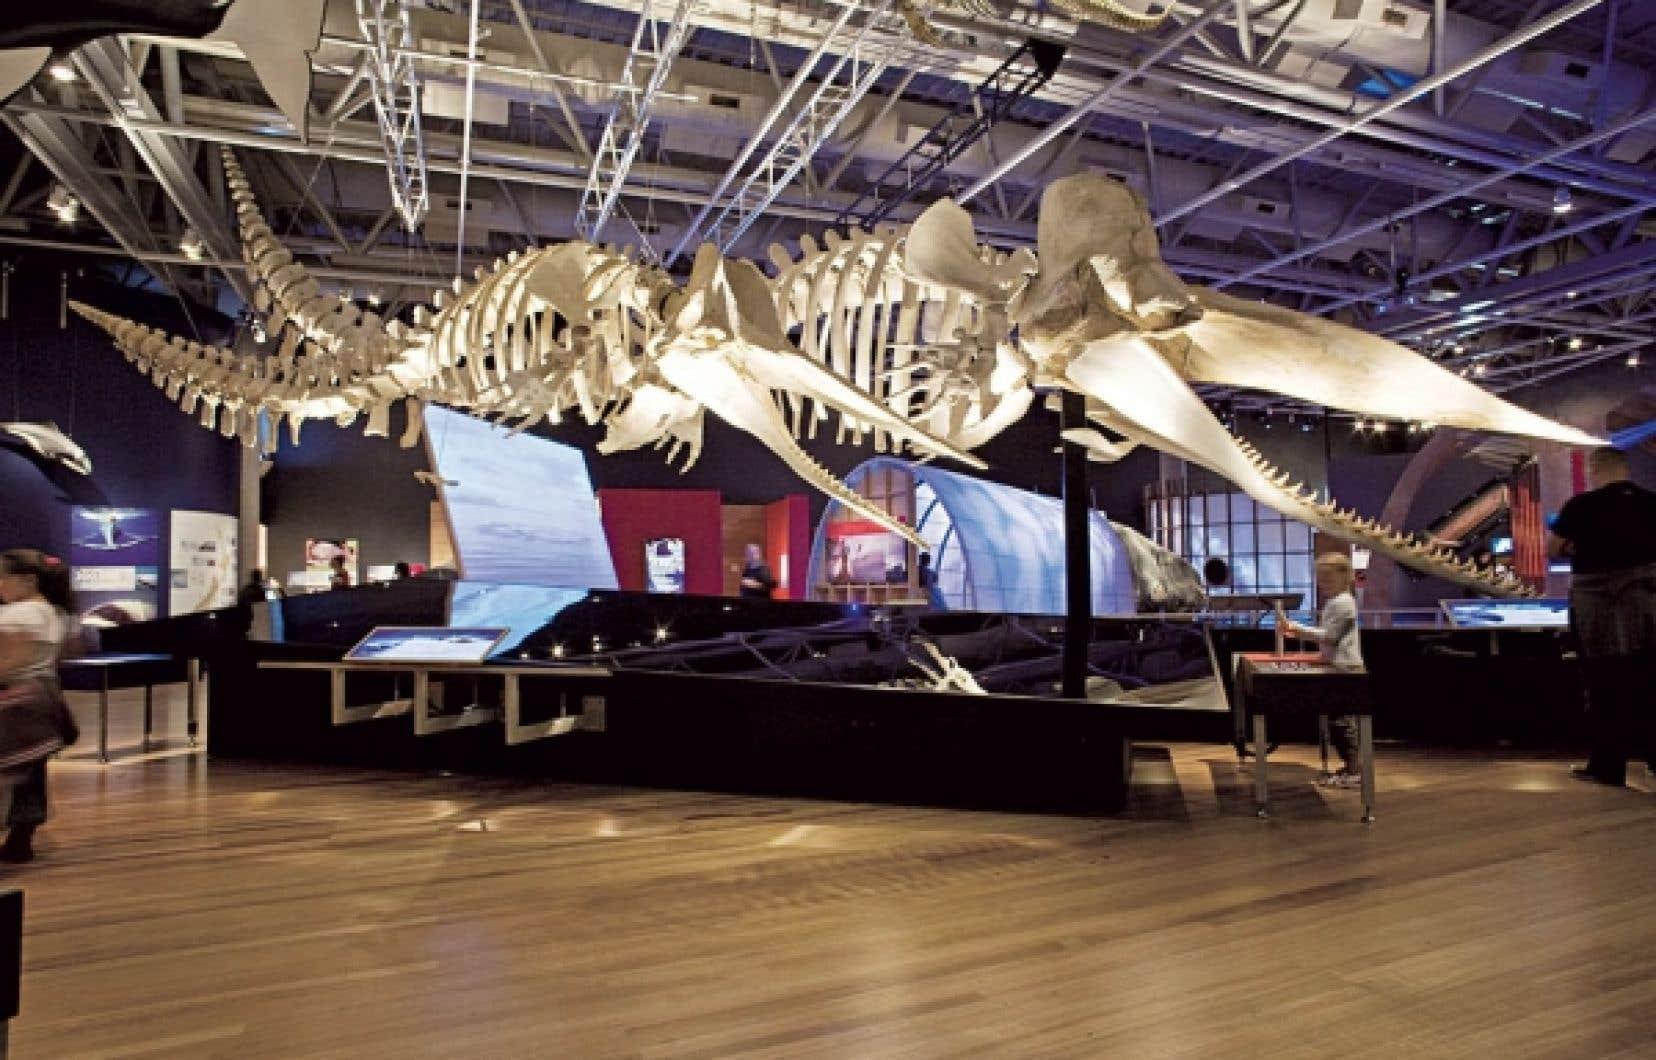 Deux artefacts spectaculaires attendent le visiteur dans la deuxi&egrave;me partie de l&rsquo;exposition: deux squelettes de grands cachalots sont suspendus au plafond<br />